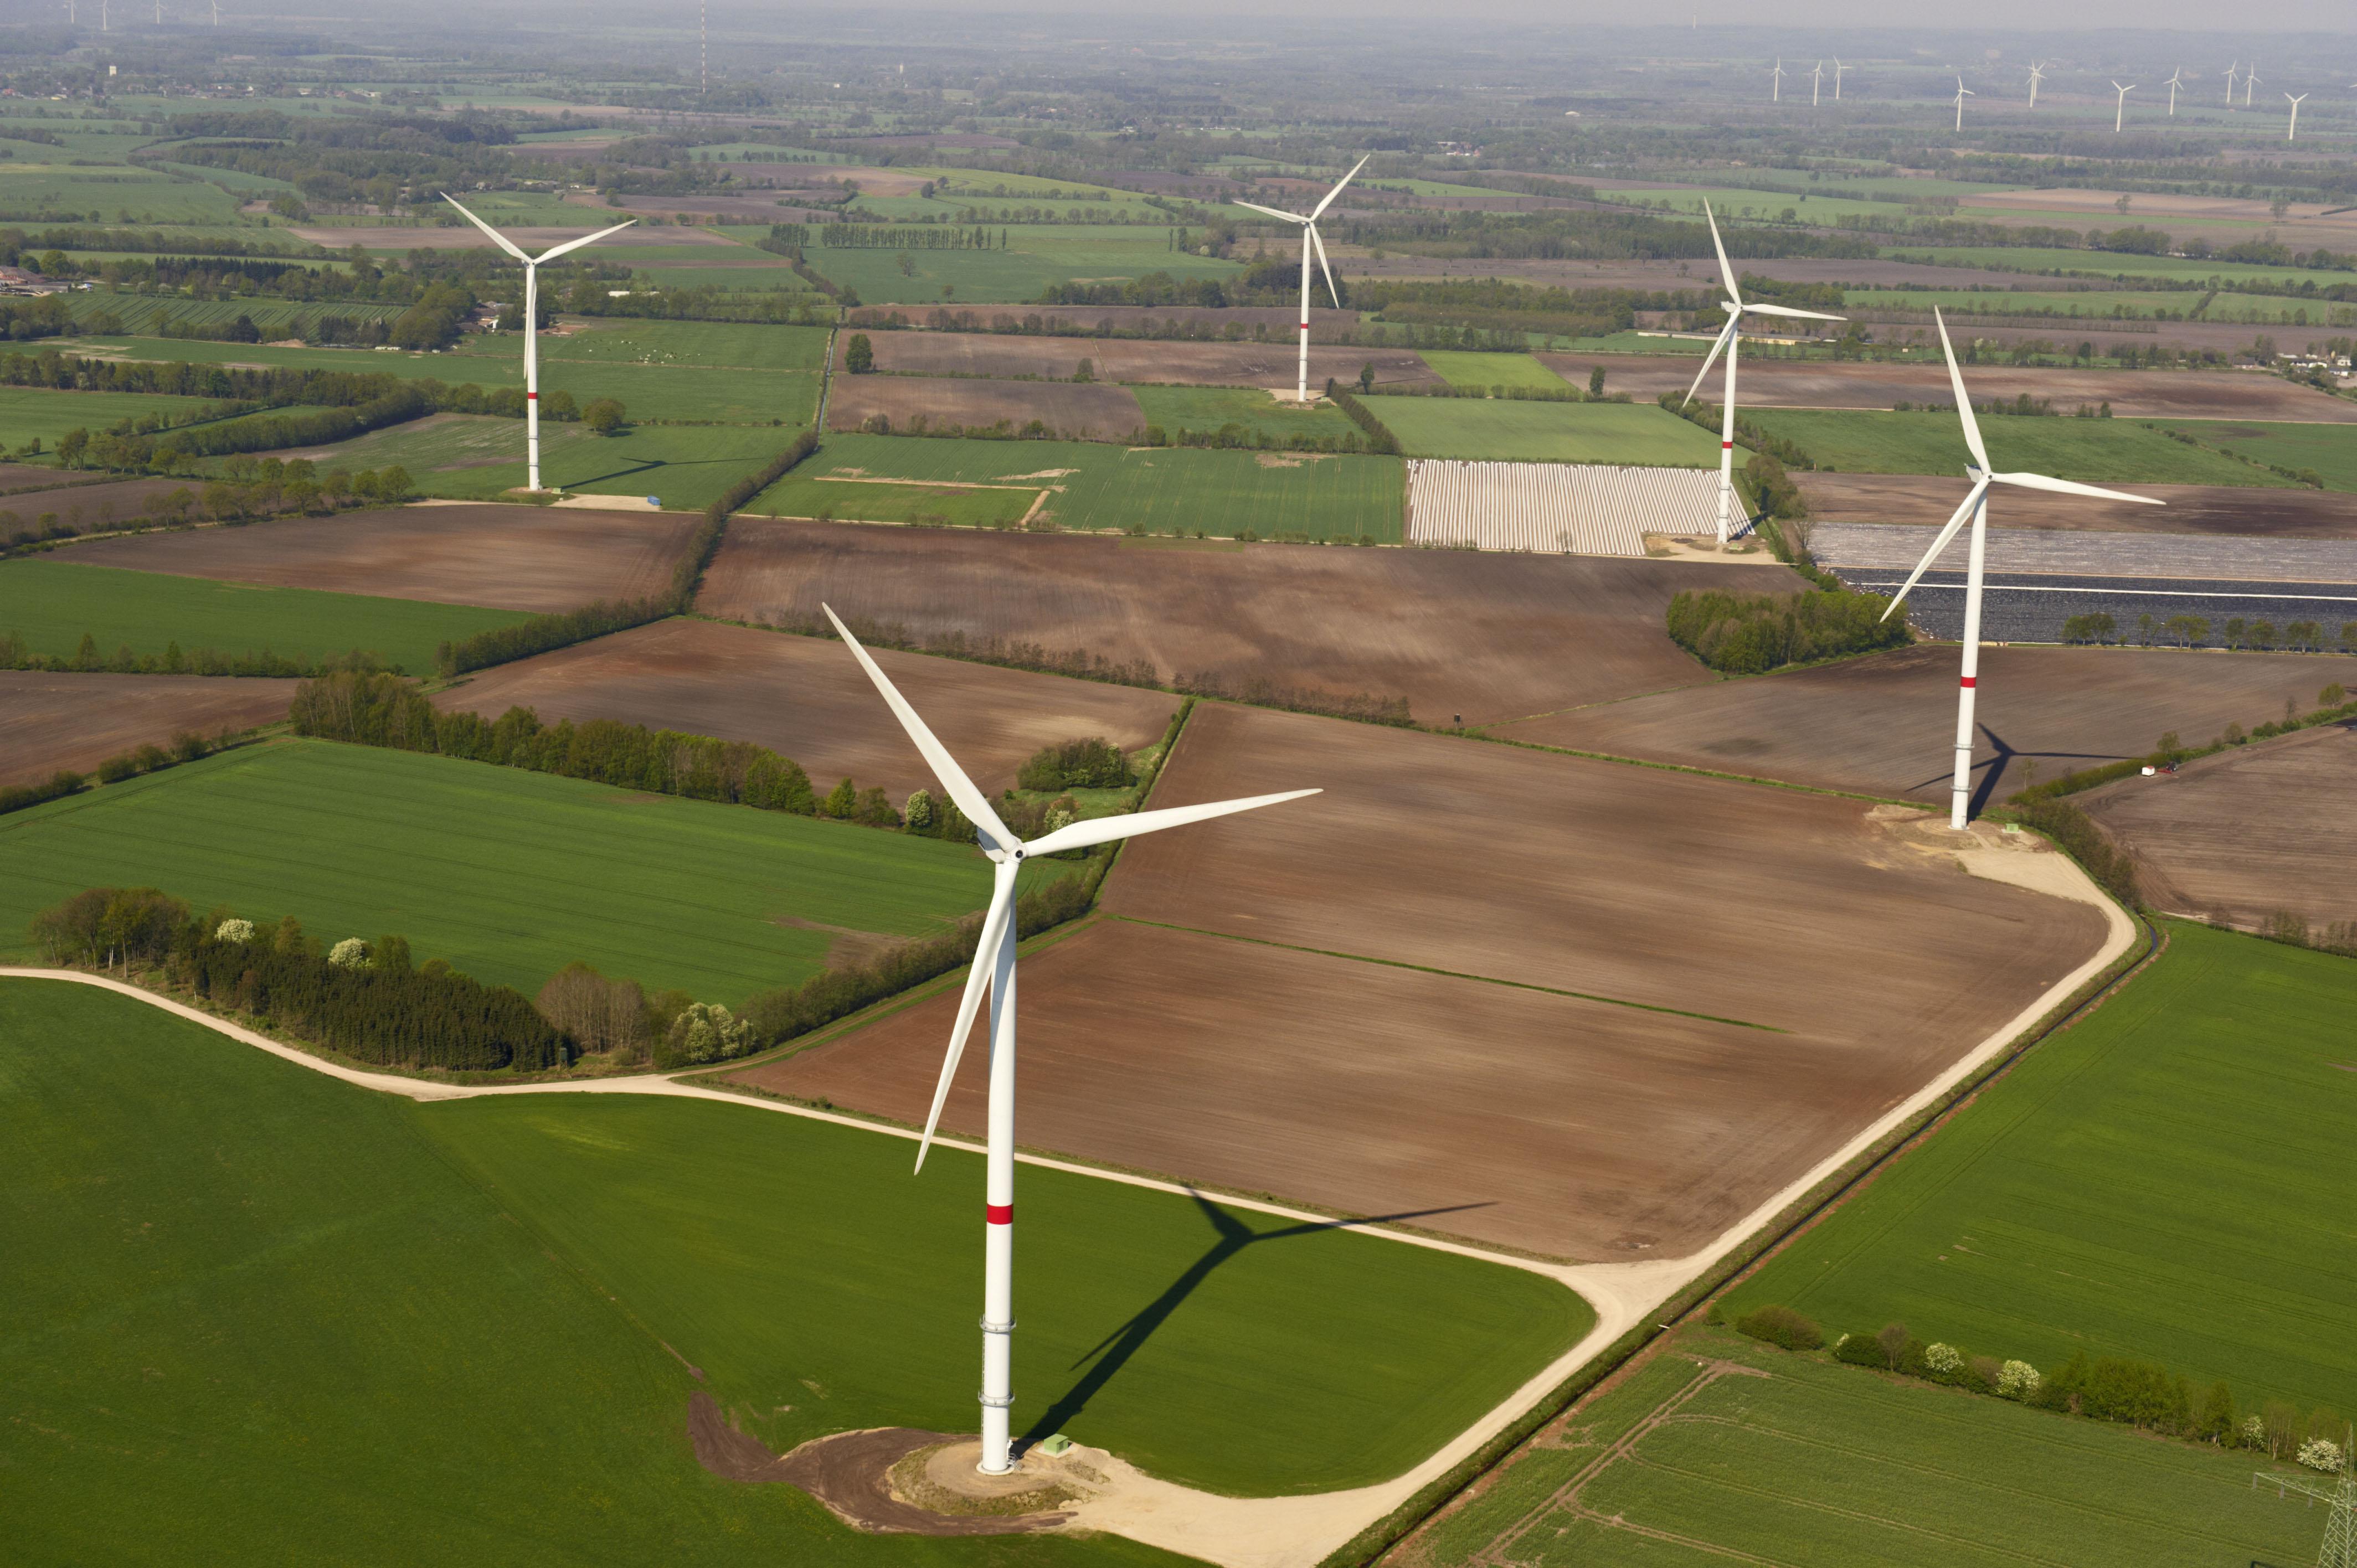 Derde Duitse onshore windenergie veiling haalt doelvermogen niet